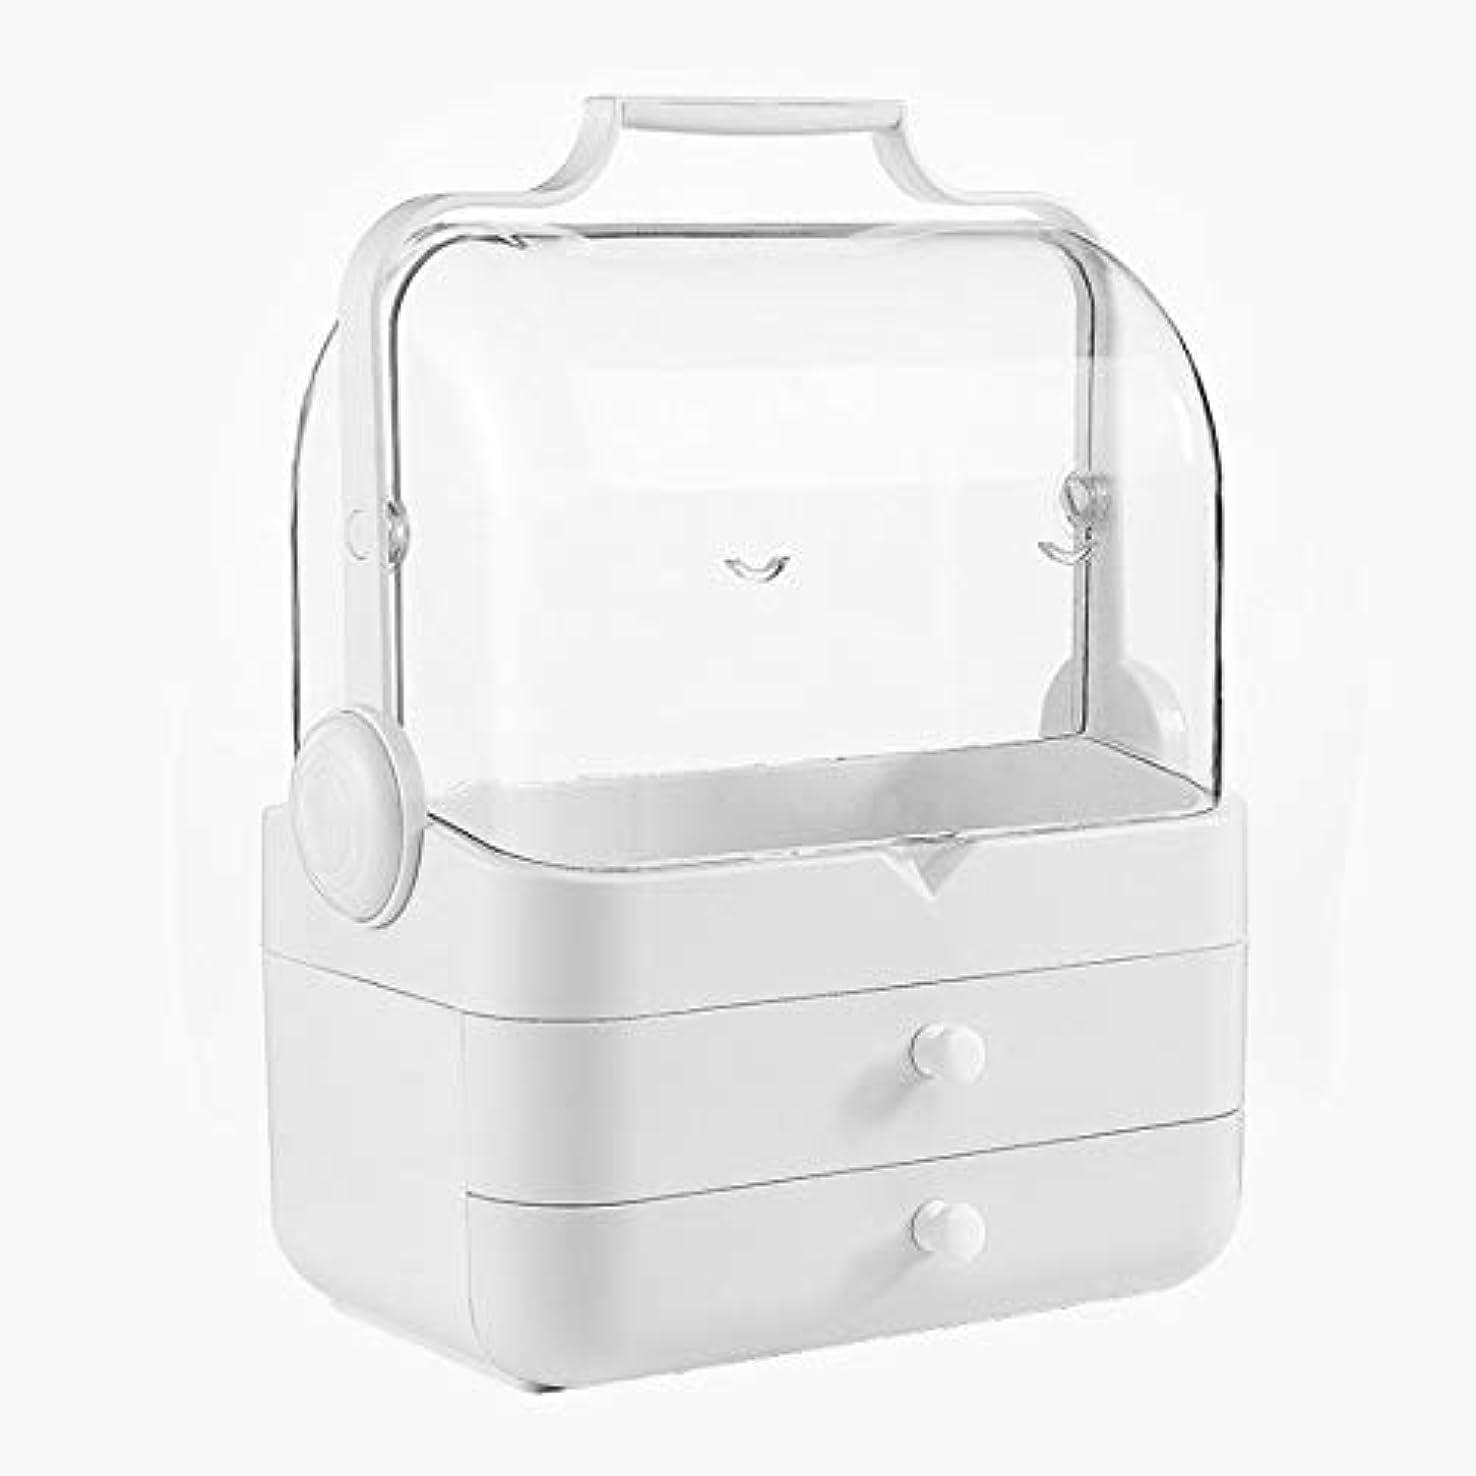 北へ高度折り目化粧箱、白い大容量フリップ防塵化粧品ケース、ポータブル旅行化粧品ケース、美容ネイルジュエリー収納ボックス